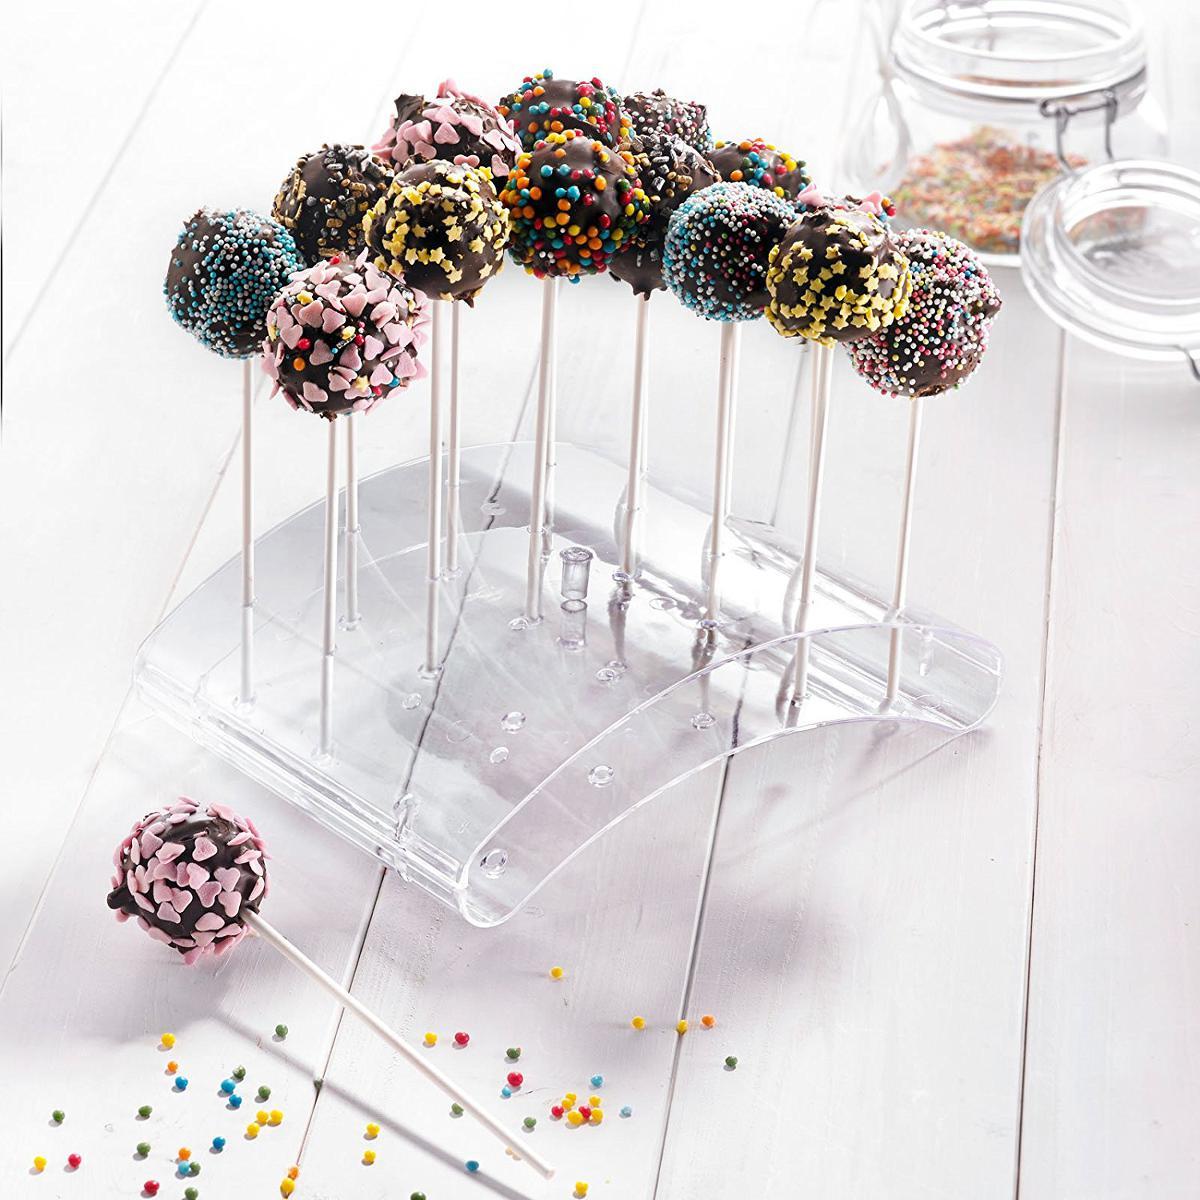 Βάση για 20 γλειφιτζούρια-Cake Pops Νο 3025